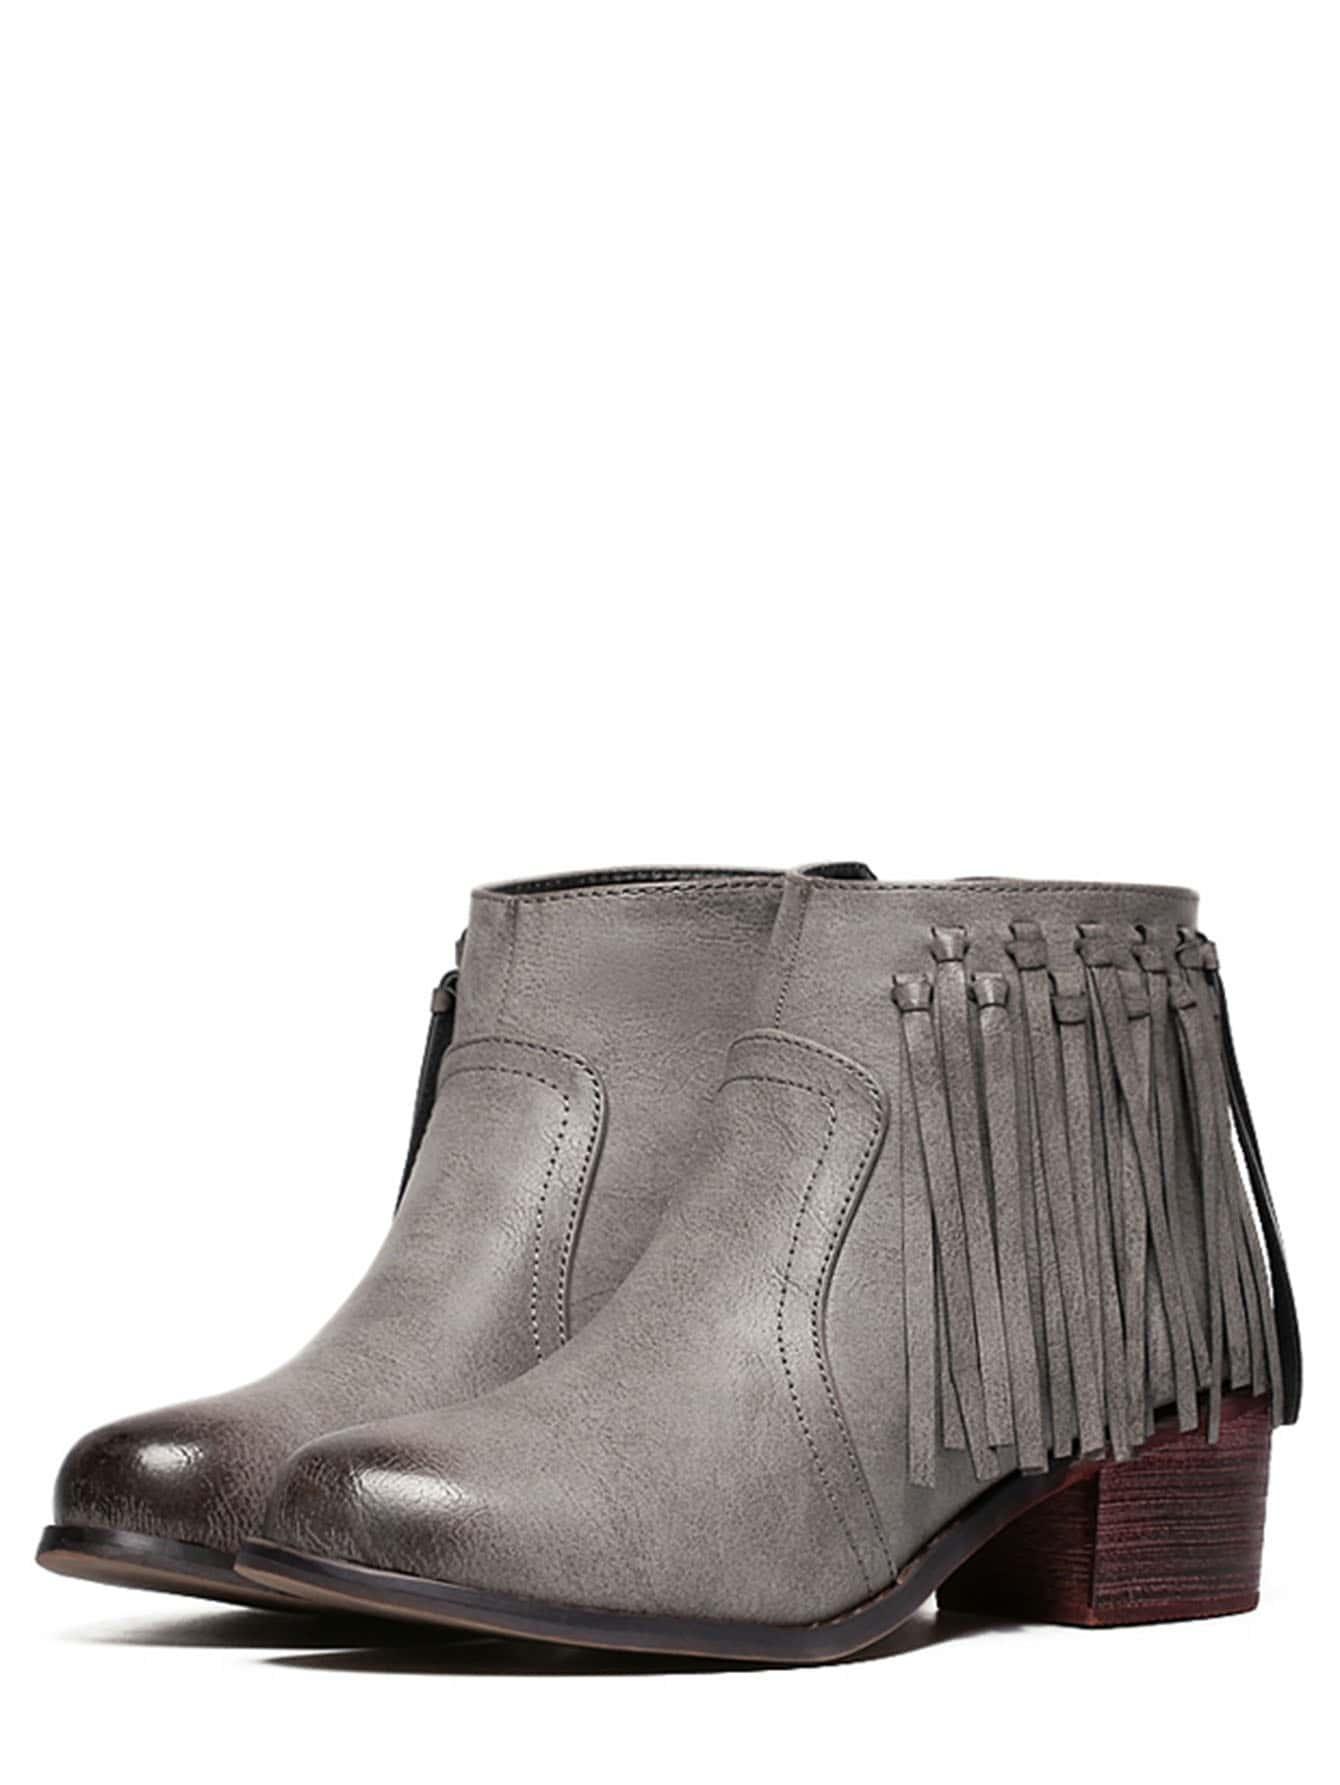 shoes160825811_2